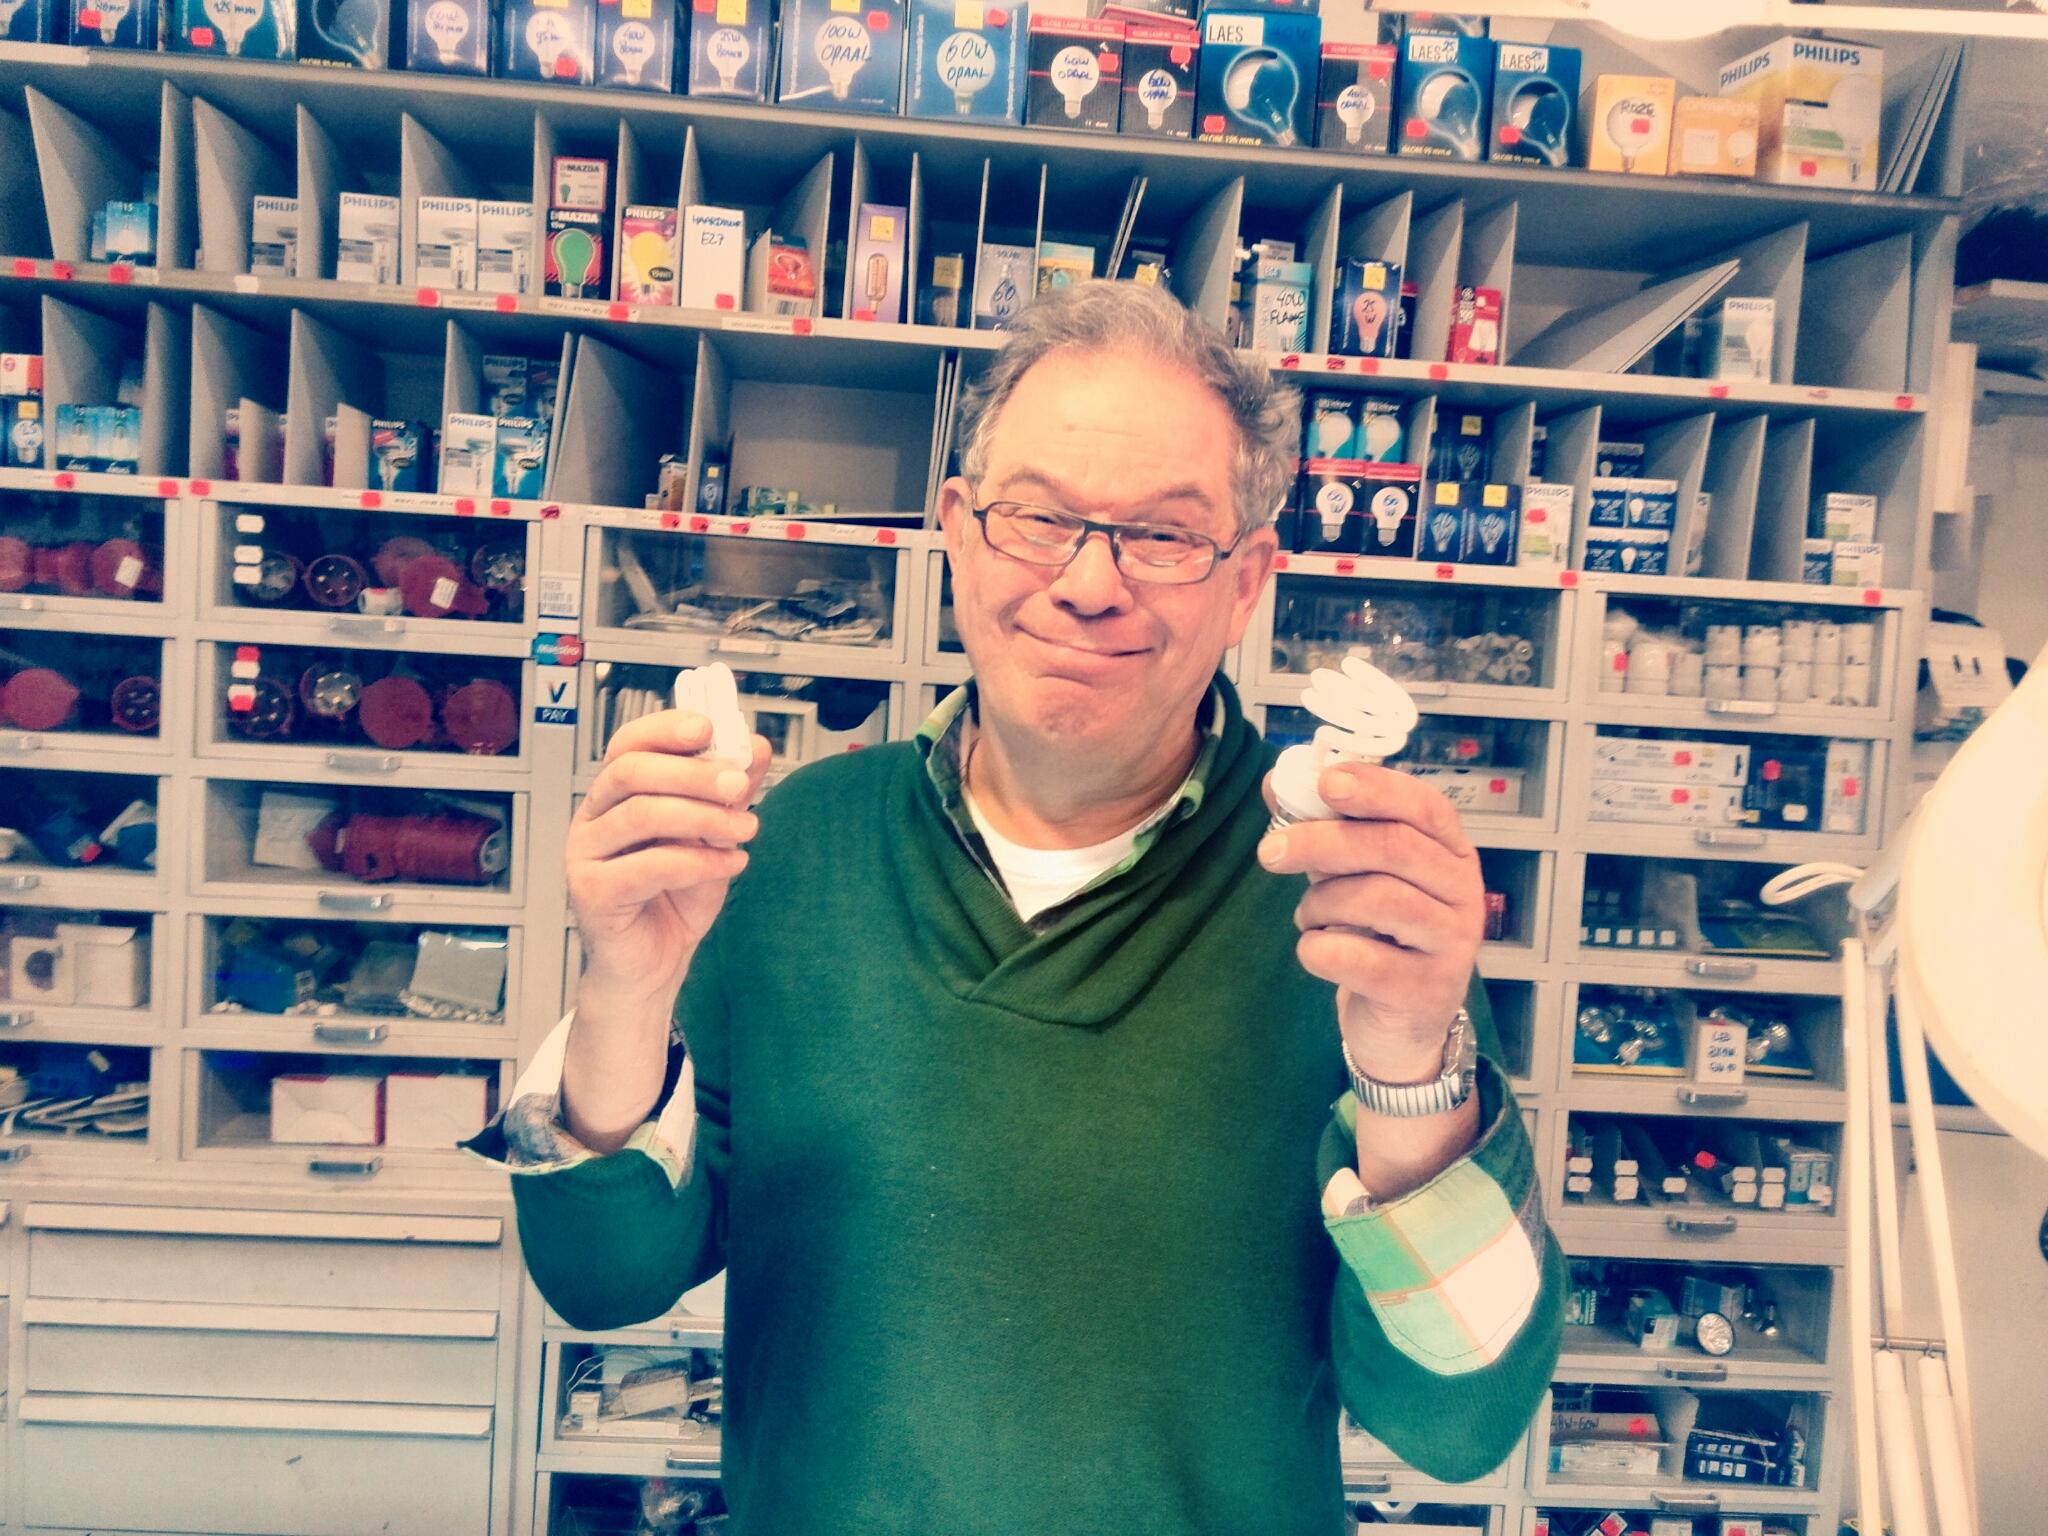 Meneer van Vliet de spaarlampenexpert